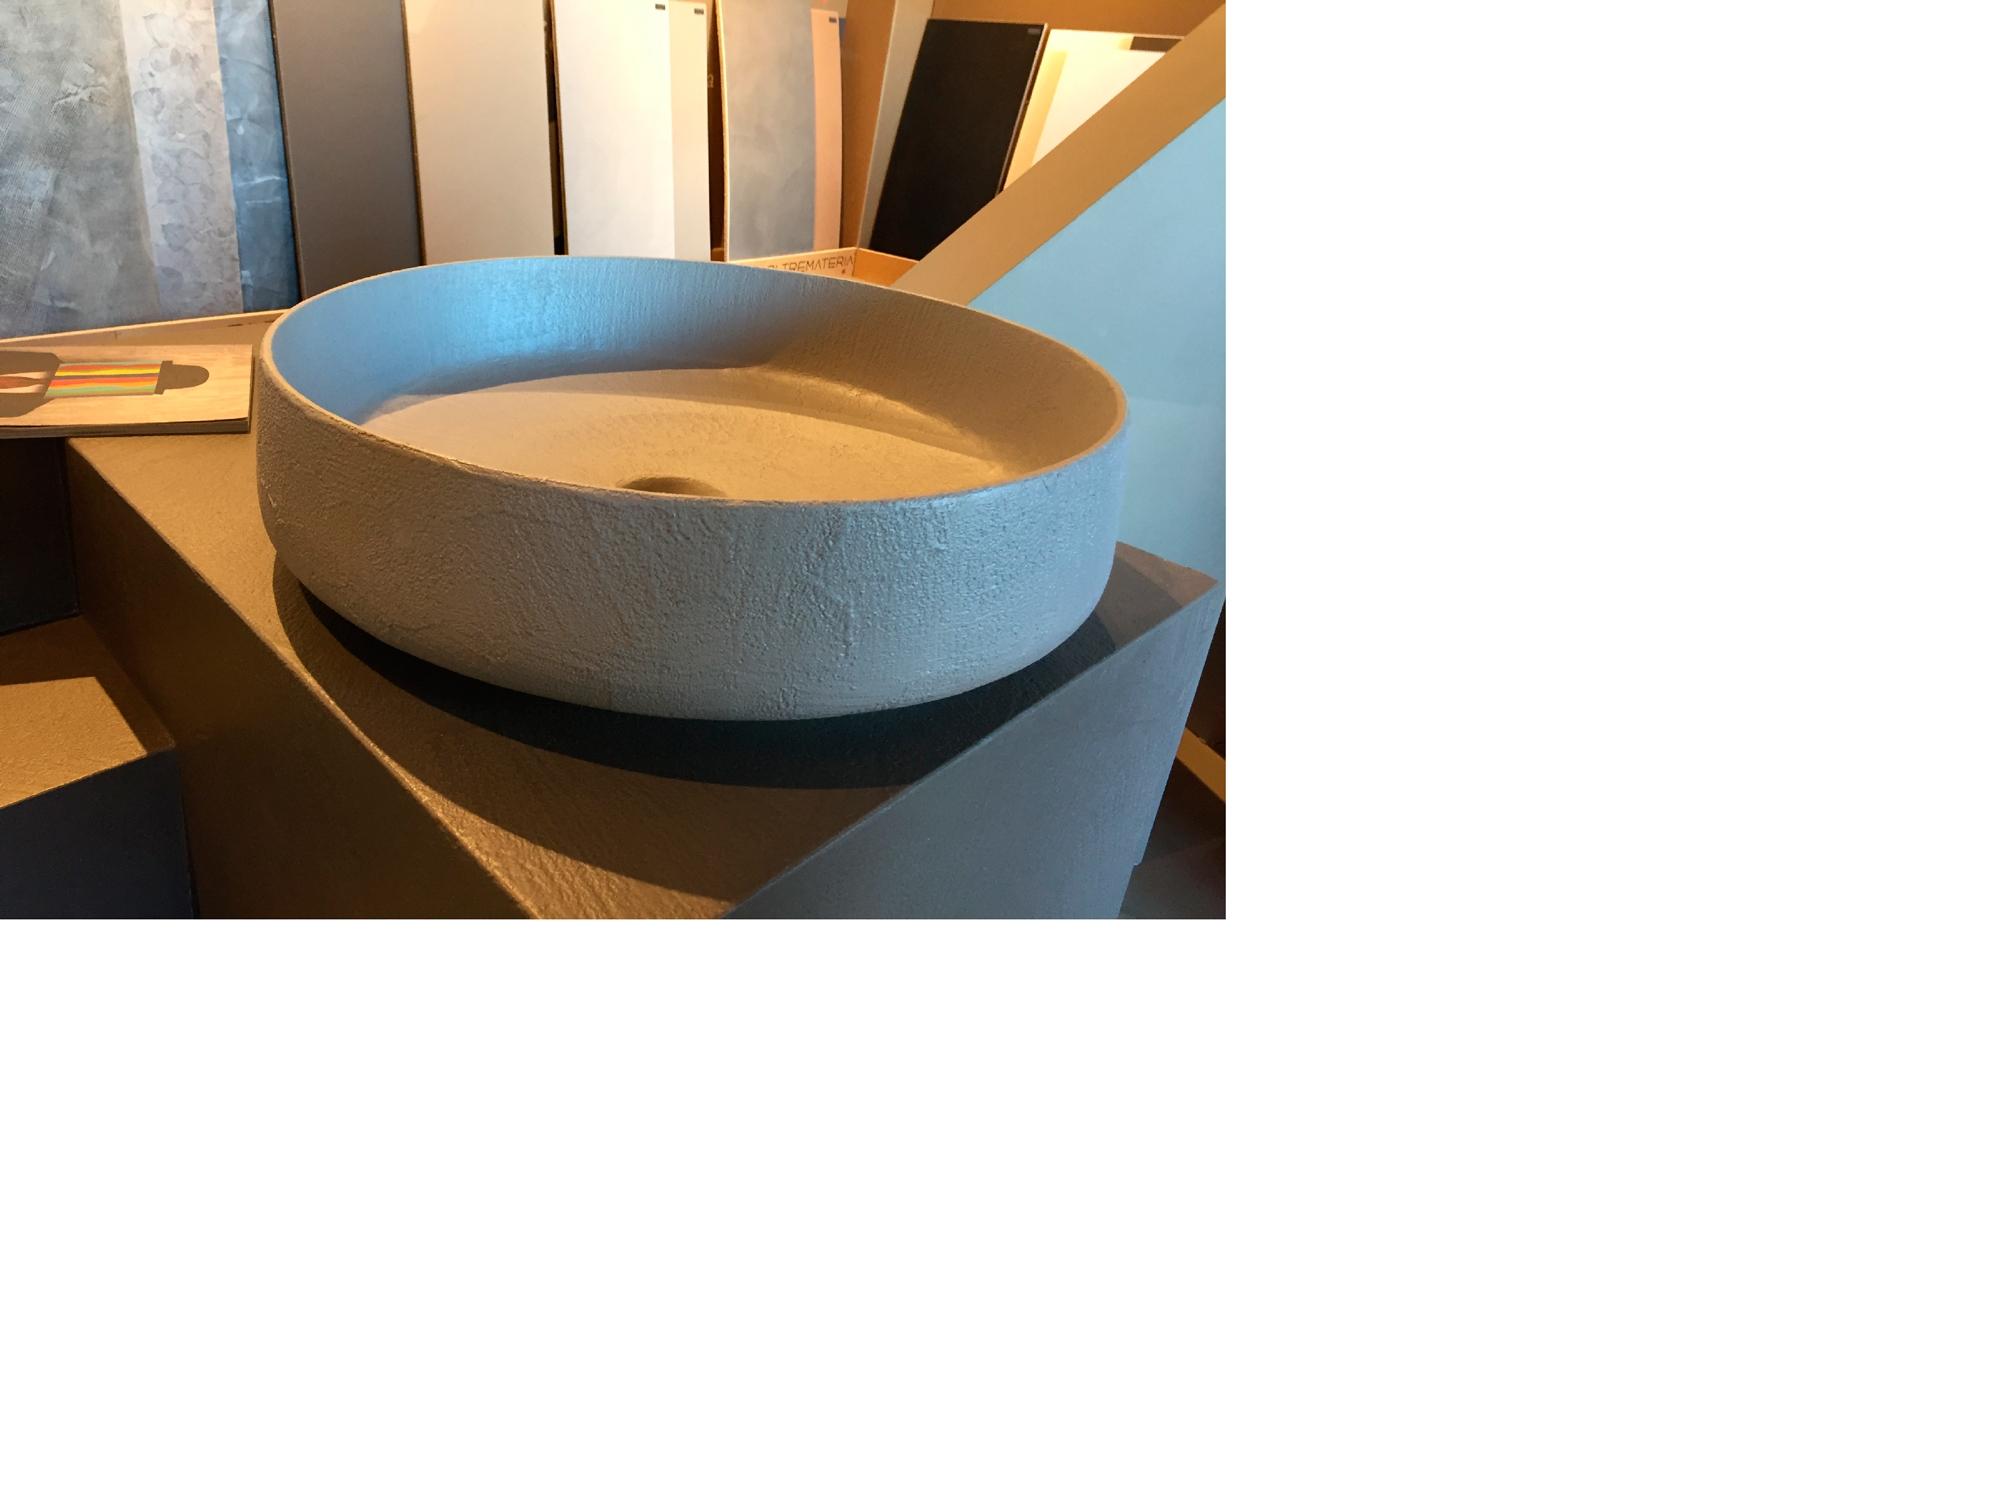 Lavabo in ceramica rivestito in ecomalta oltremateria - Bagno color tortora ...